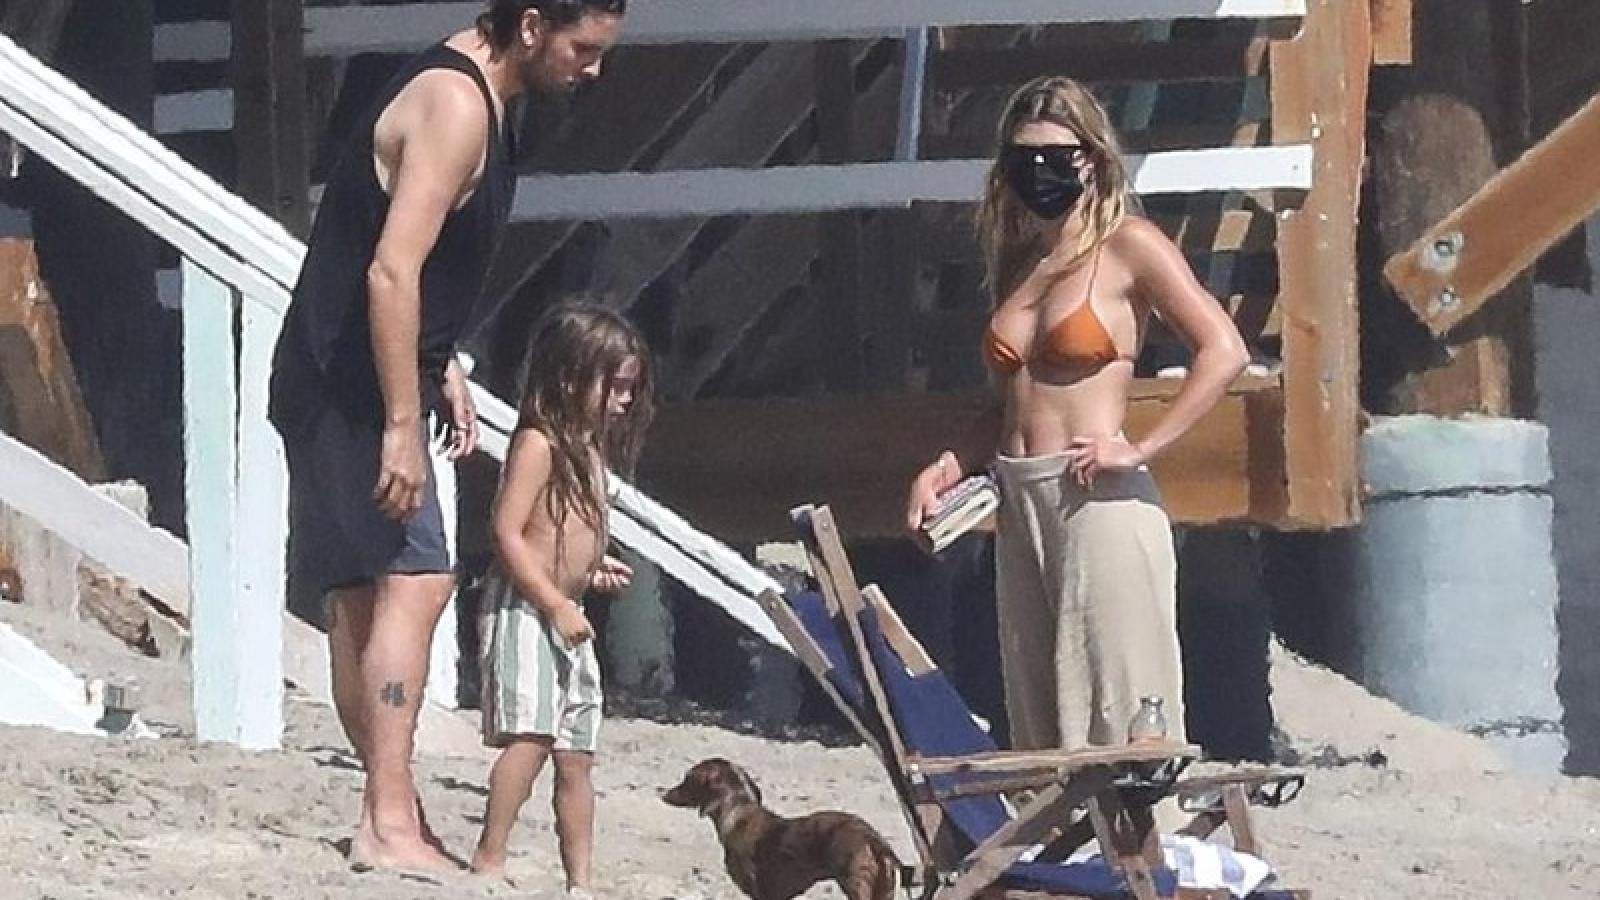 Sofia Richie đeo khẩu trang đi chơi trên bãi biển cùng bạn trai